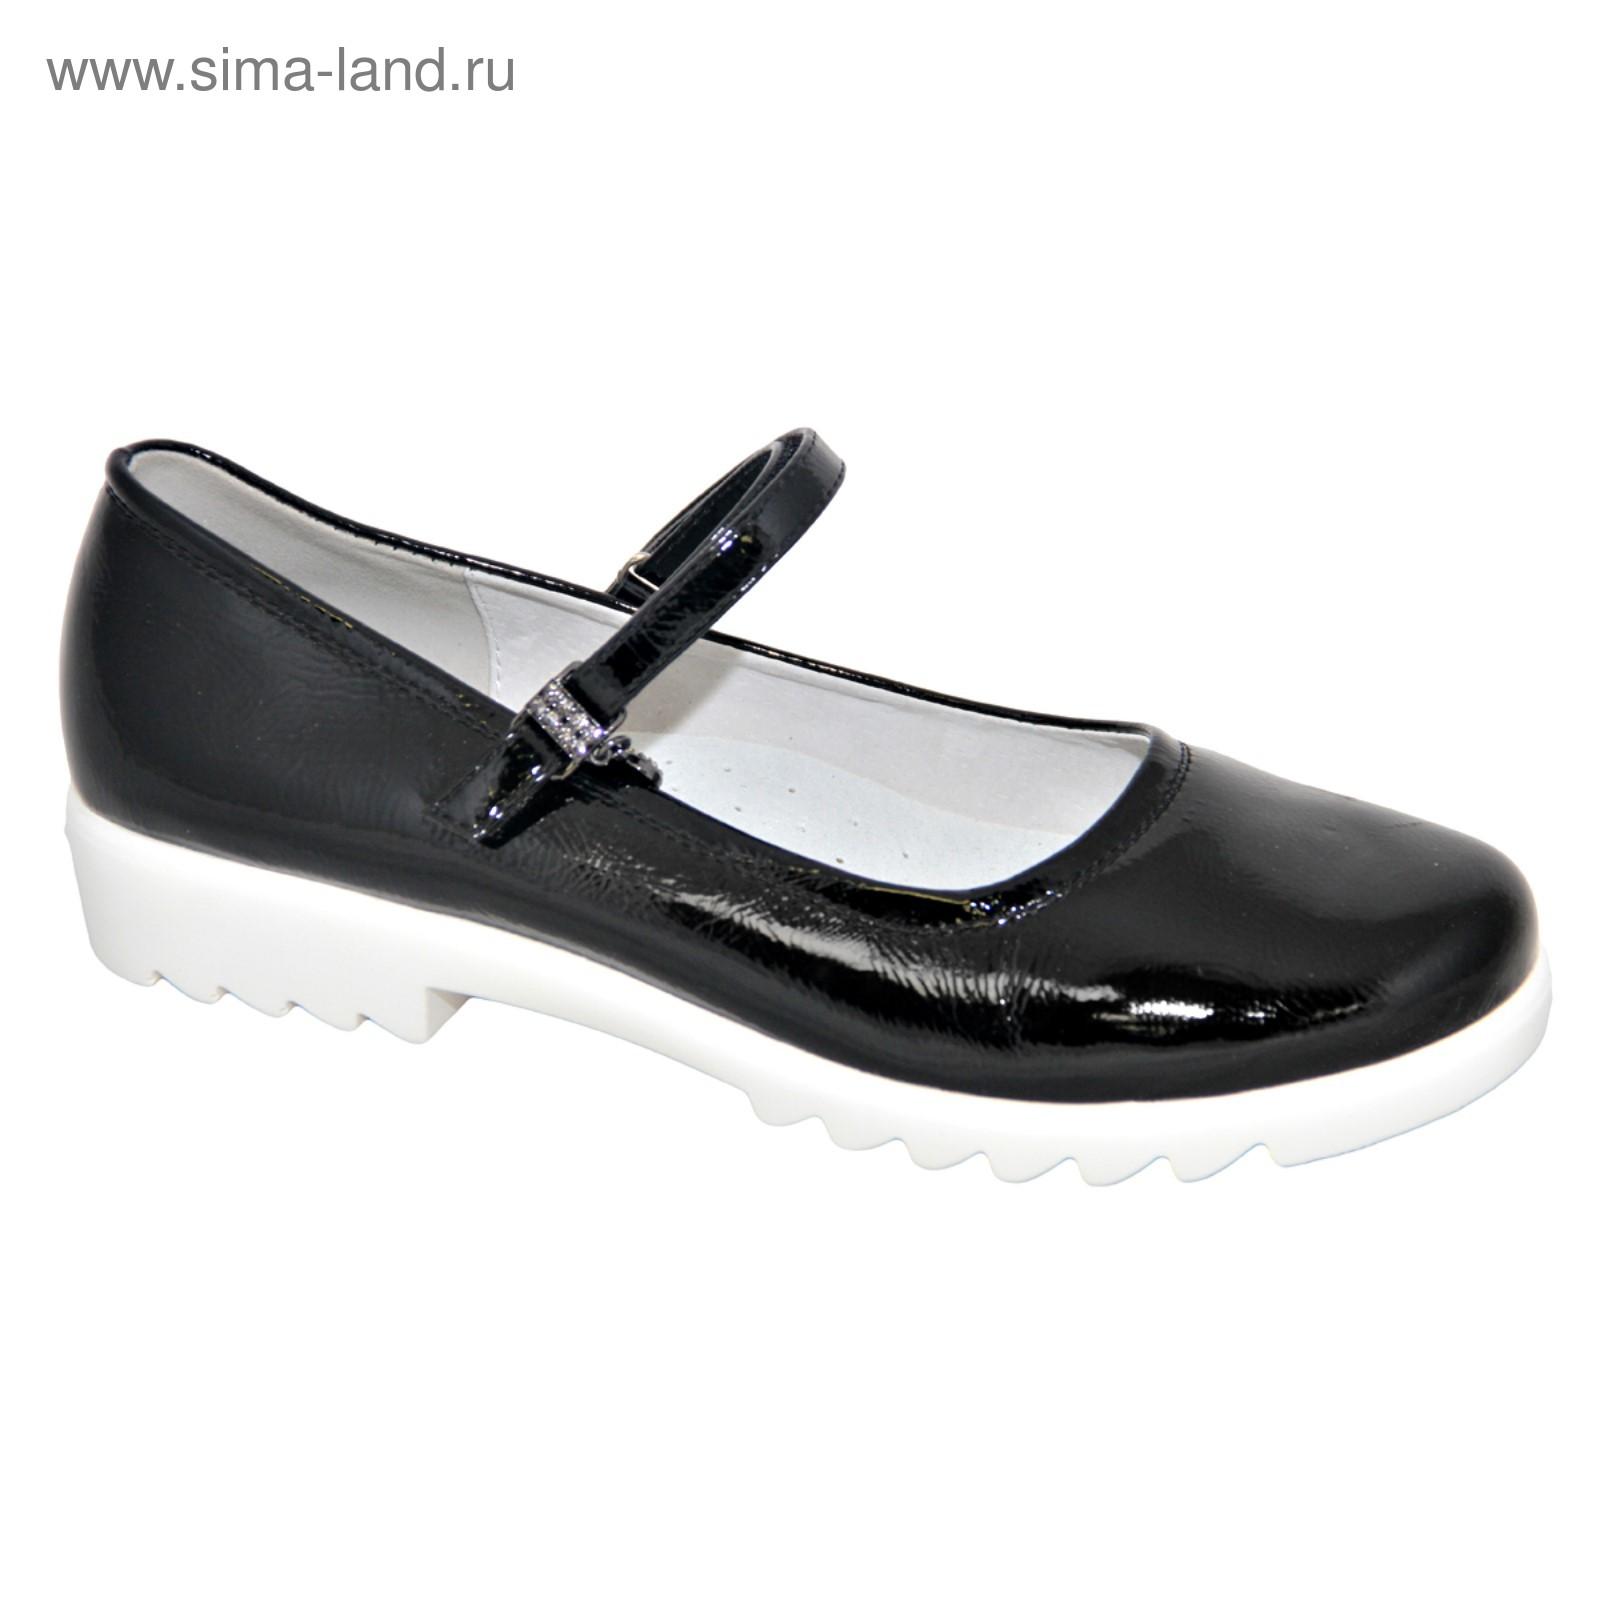 420264a437f8 Туфли для девочки, 6 пар в коробе FL-S7075 (3596378) - Купить по ...